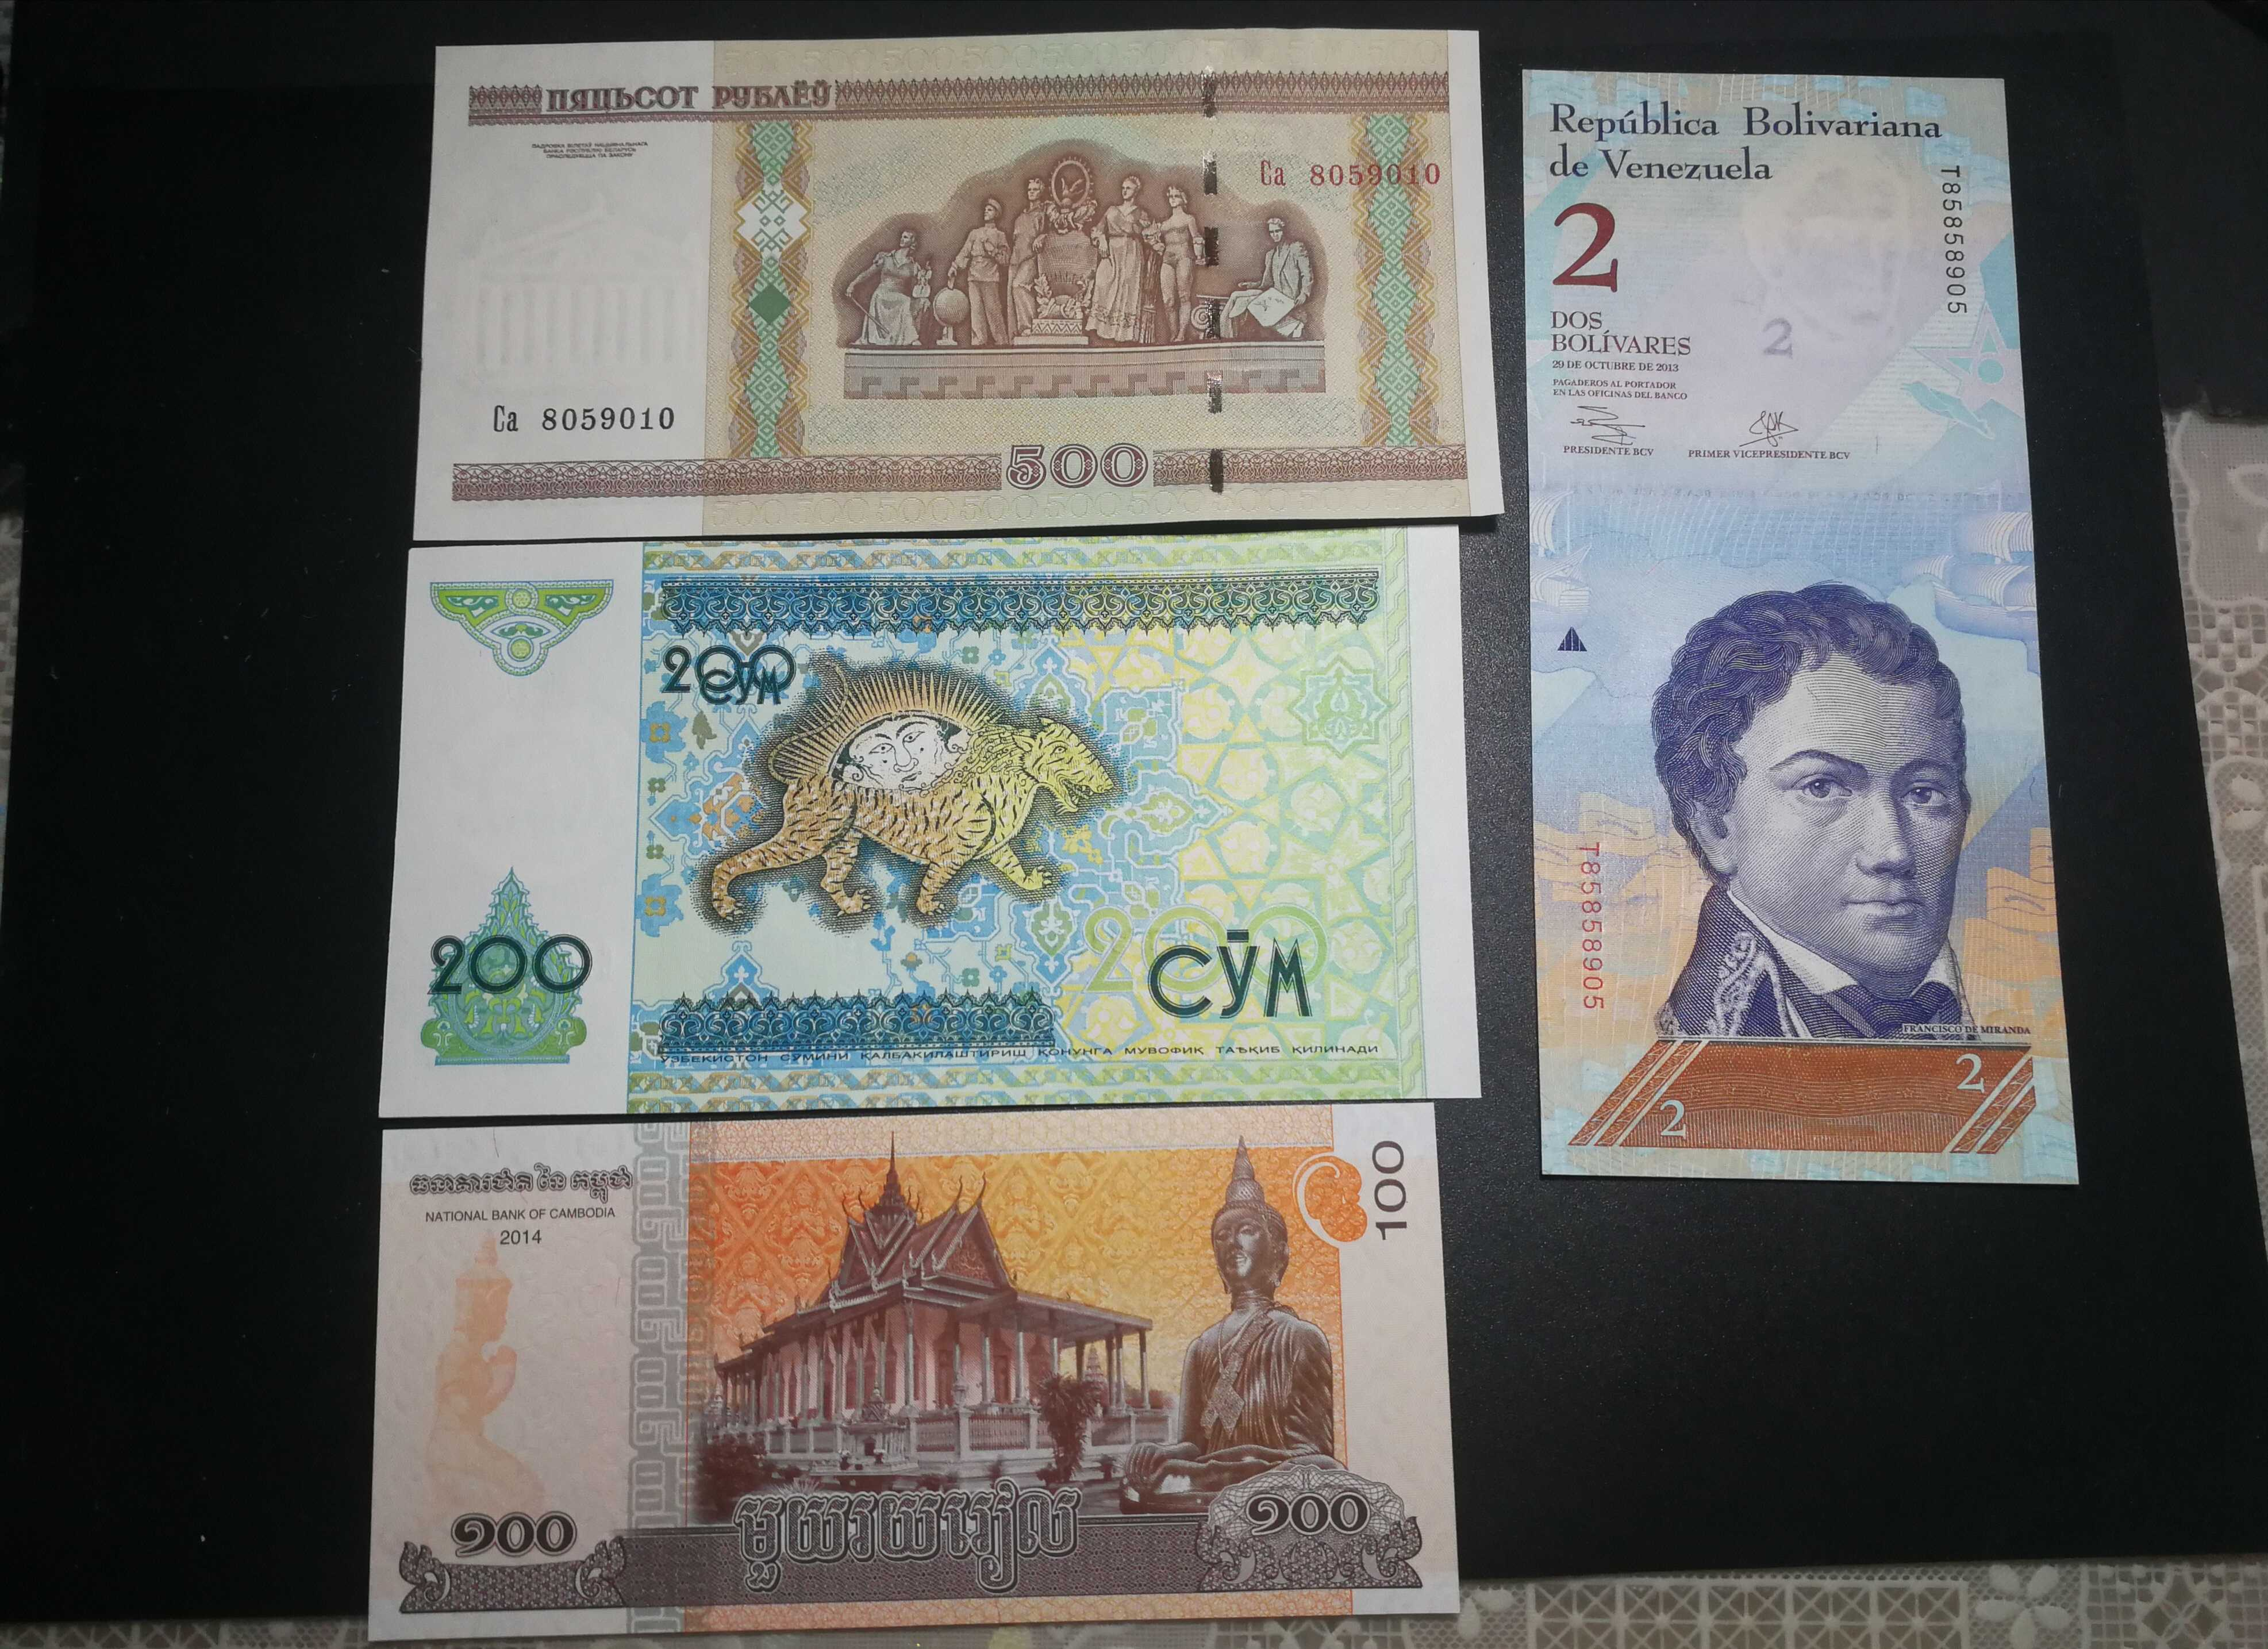 Хорошо иностранная валюта небольшой костюм , флуоресценция эффект сильный , нравится друг бить , волосы вешать количество письмо , каждый человек установите